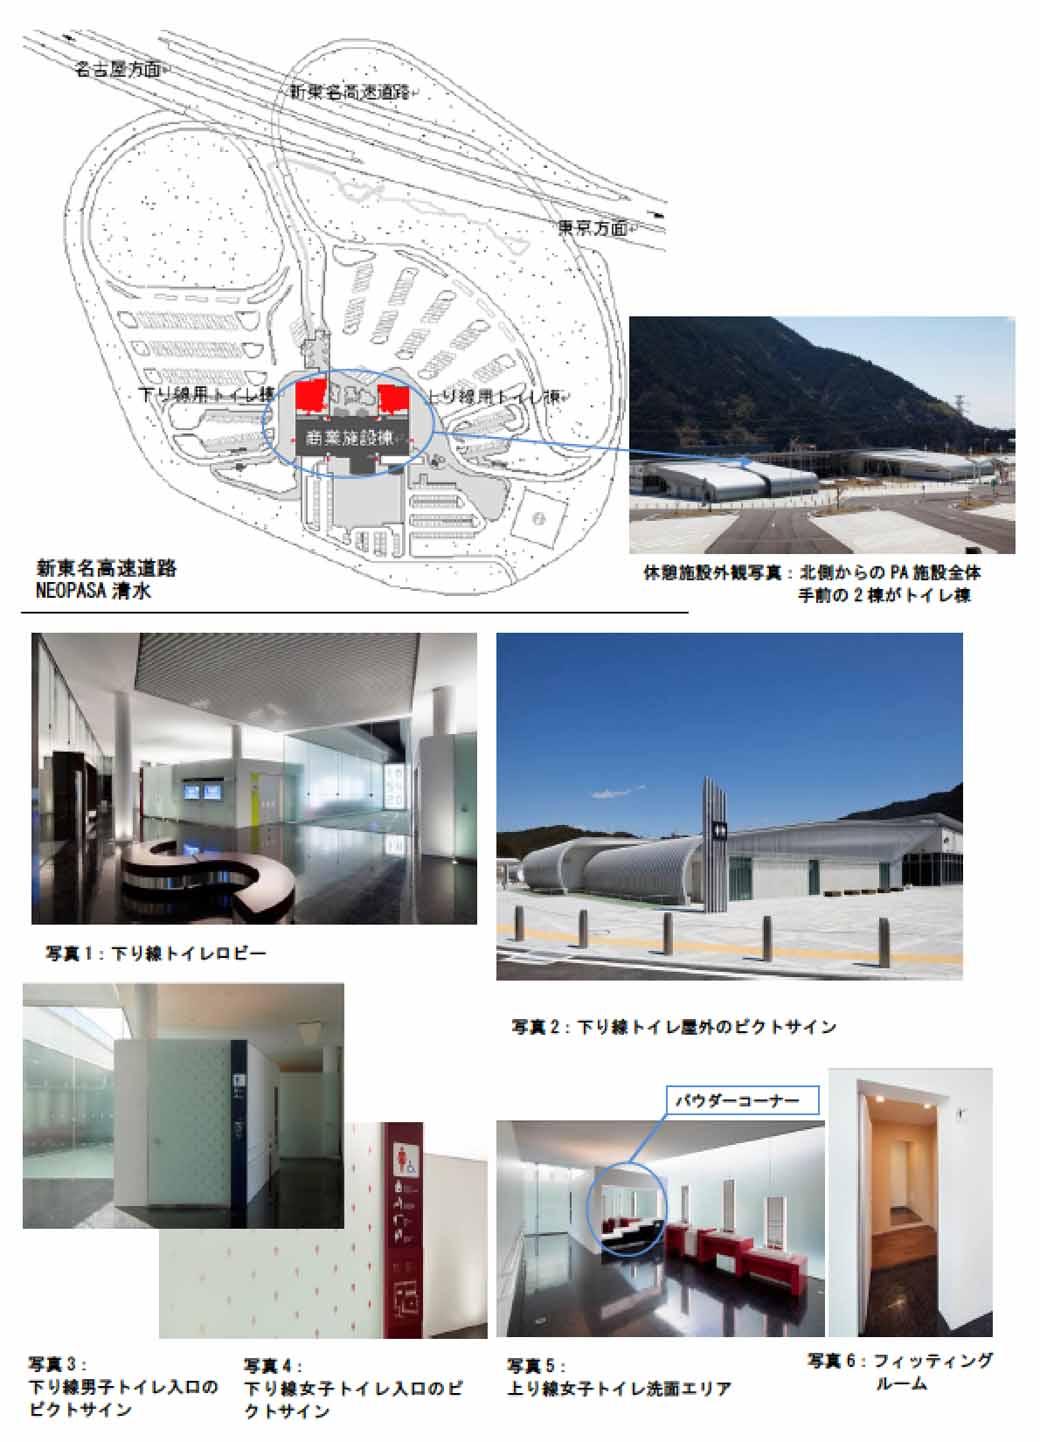 new-tomei-expressway-toilet-japanese-toilet-grand-prize-of-neopasa-shimizu20150919-2